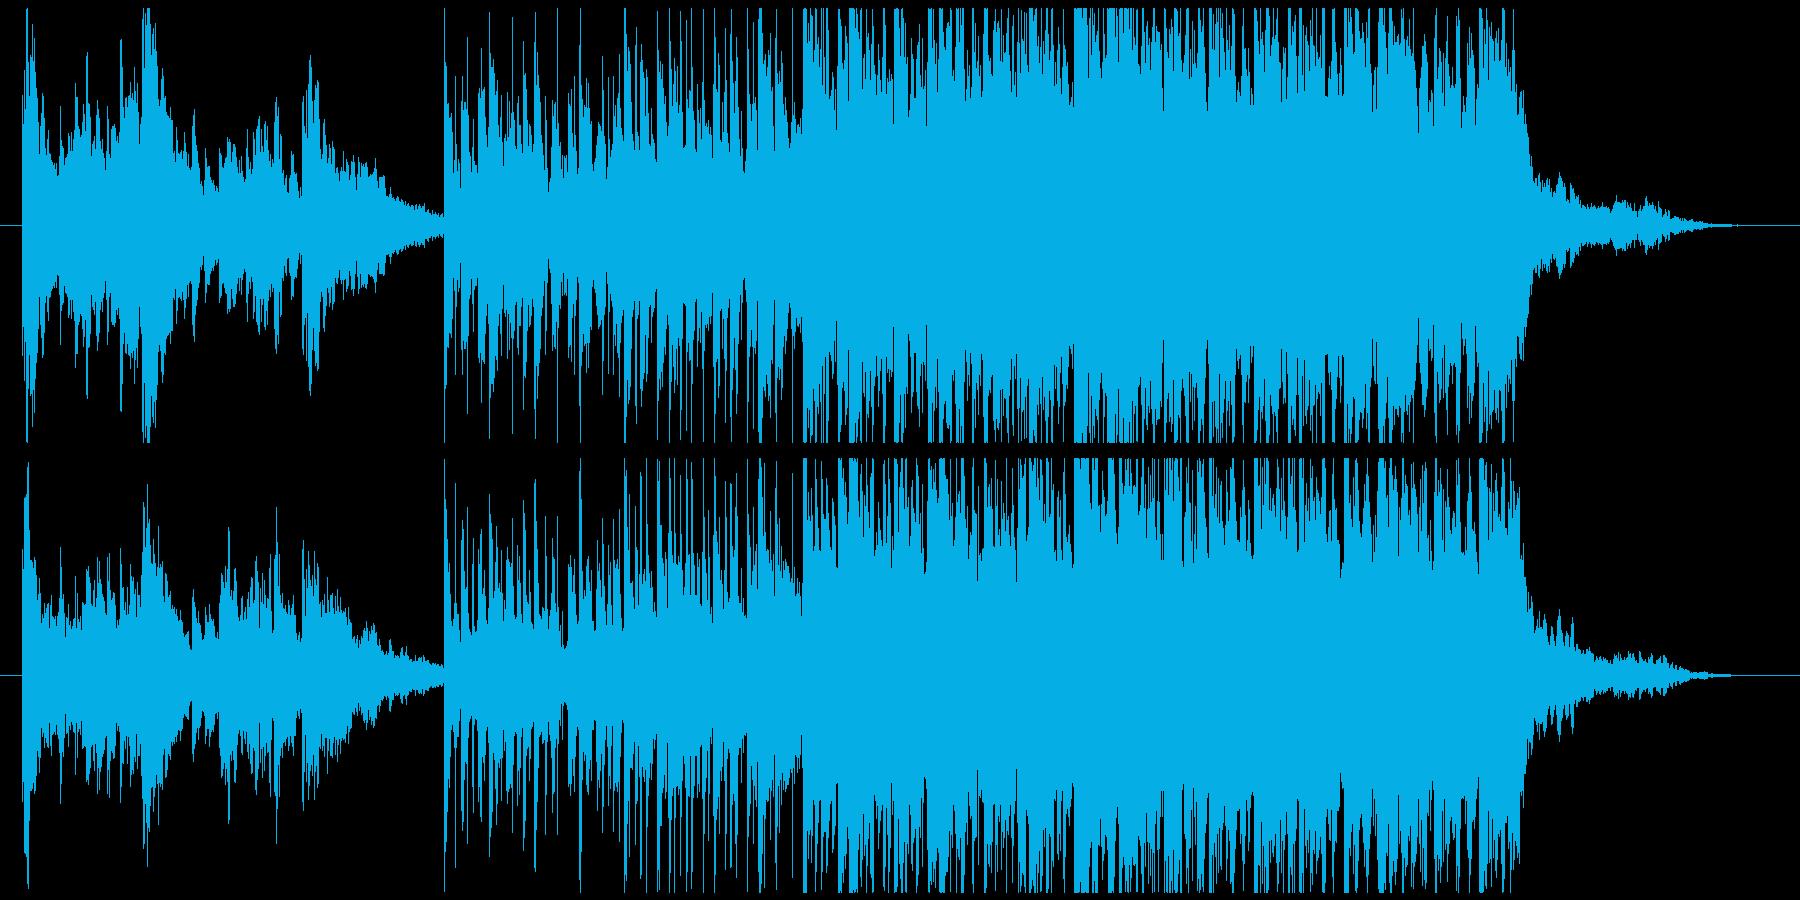 中東の楽器を使ったエキゾチックな音楽の再生済みの波形